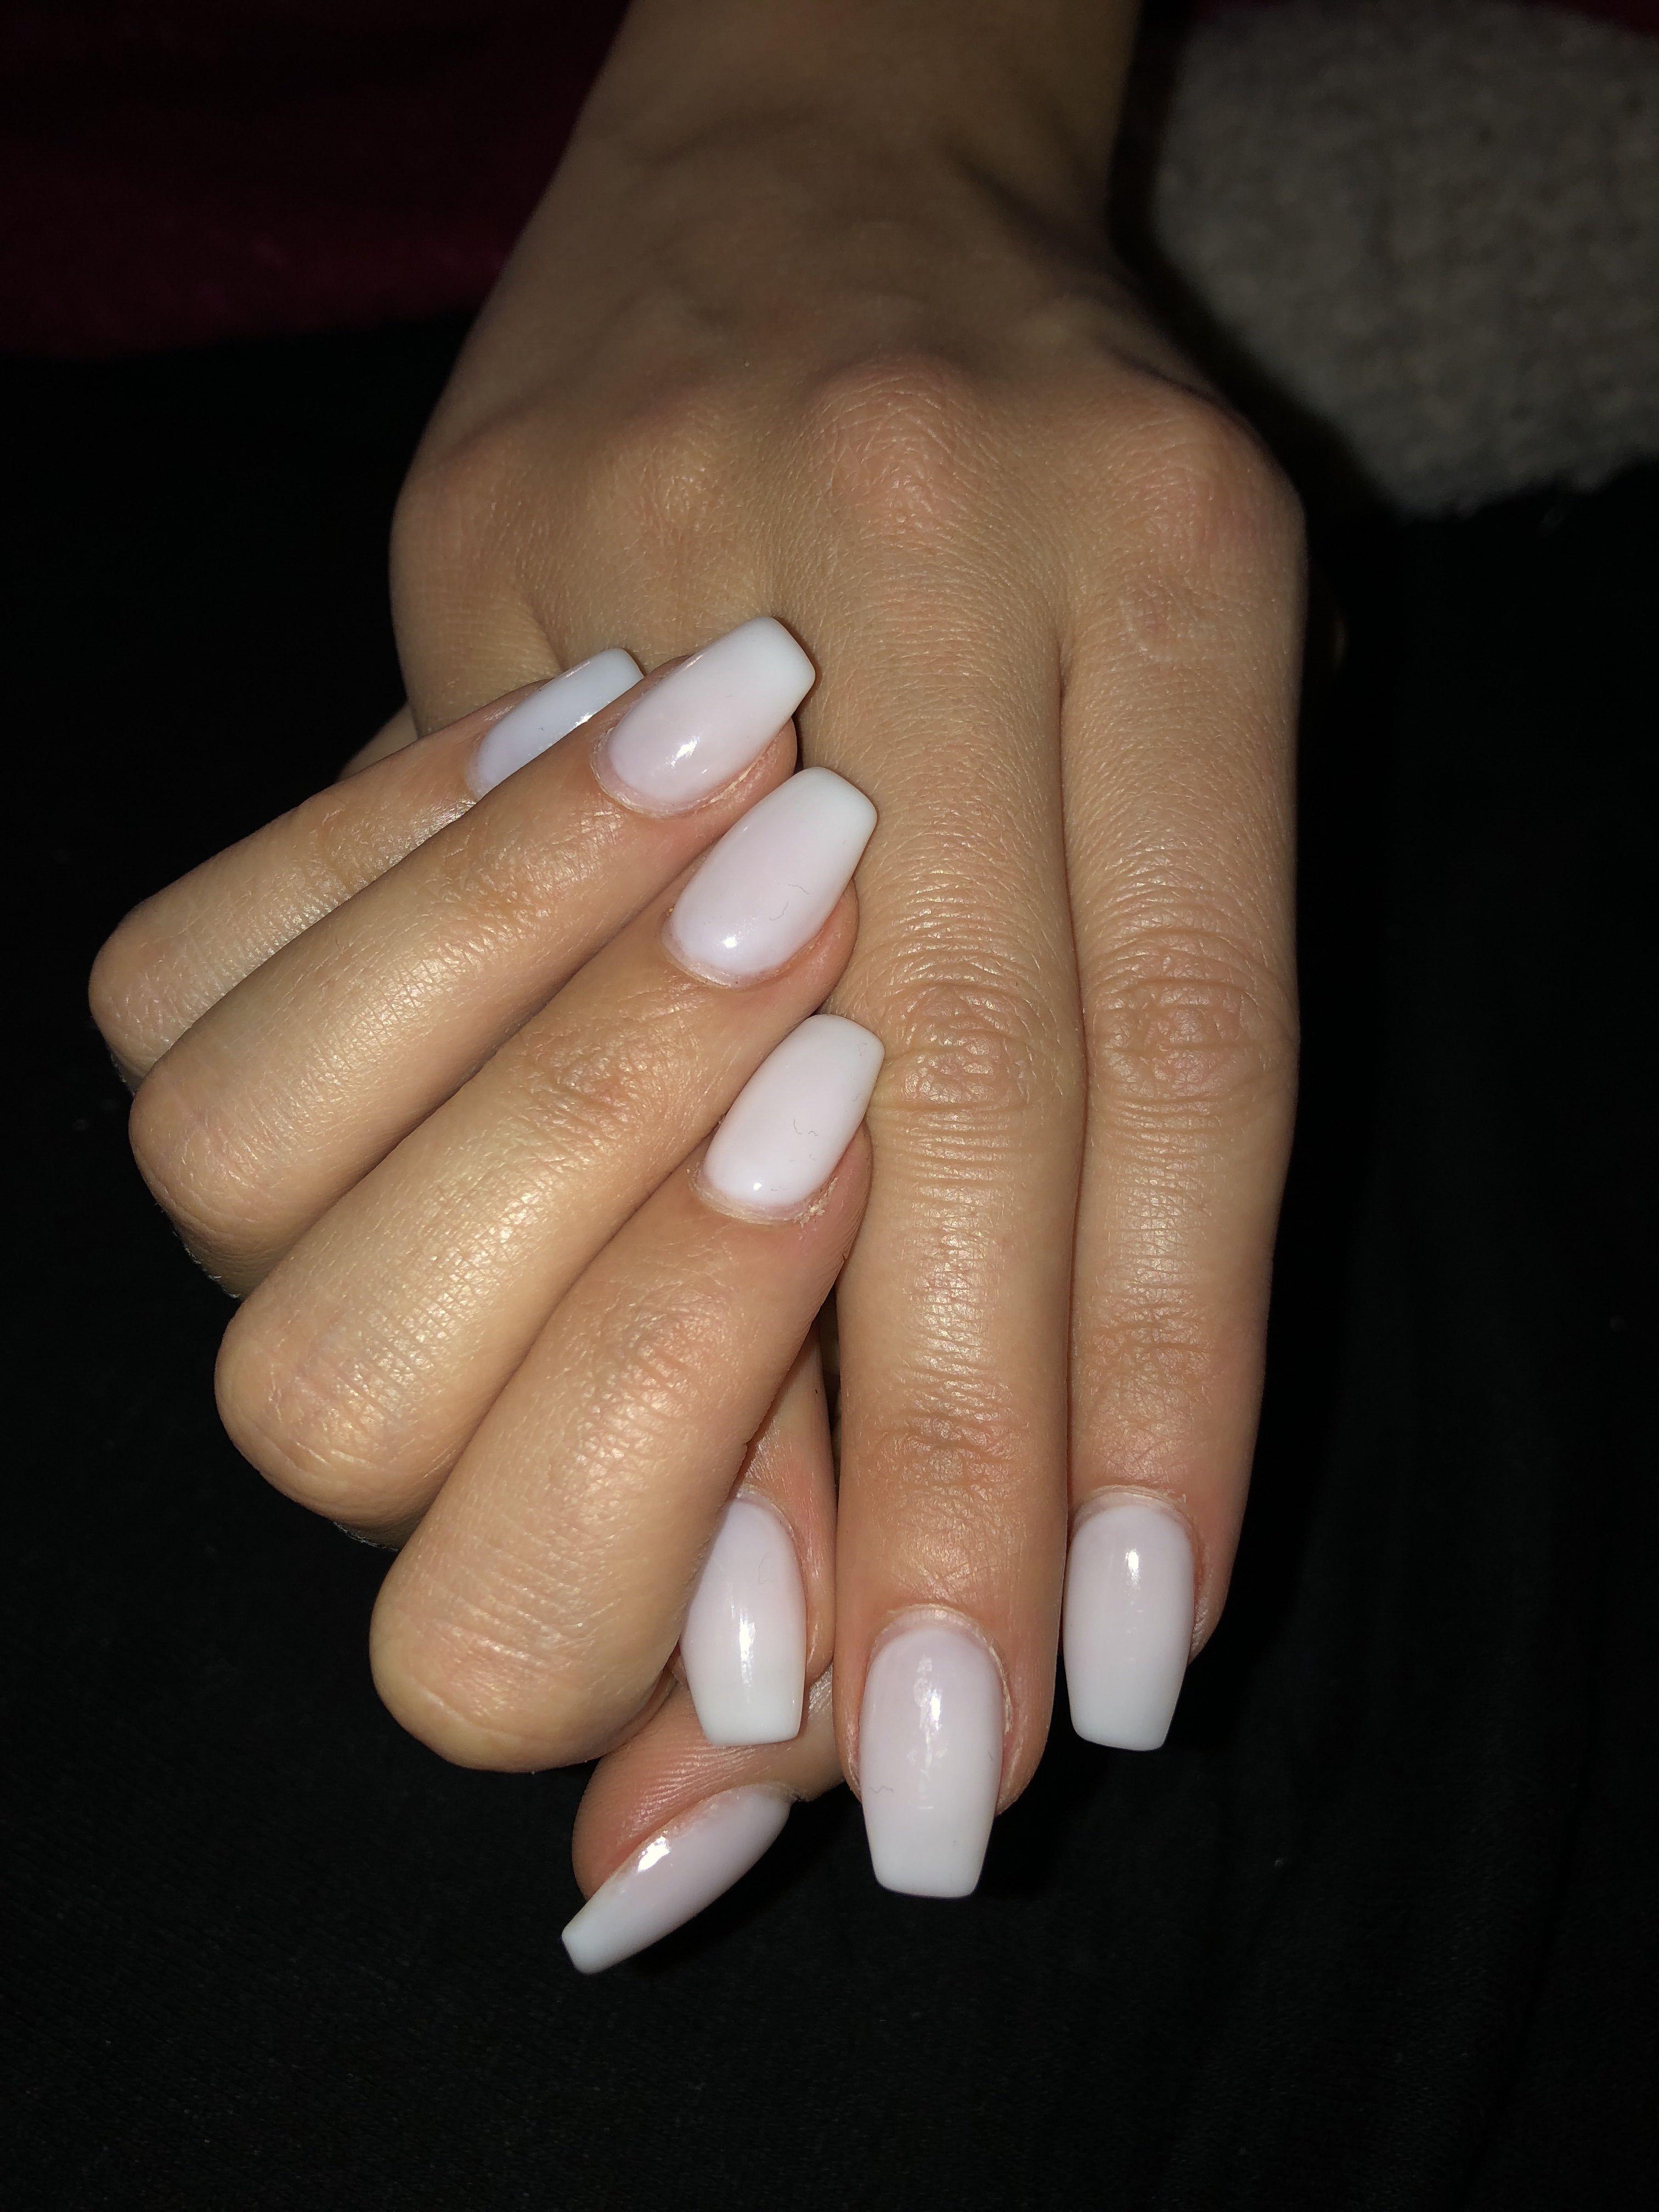 Natural White Gel Nailart Nailart Gel Gellook White Nageldesign Nailart Twinza Nails Nagel Weiss White Gel Nails Short Acrylic Nails Gel Nail Art